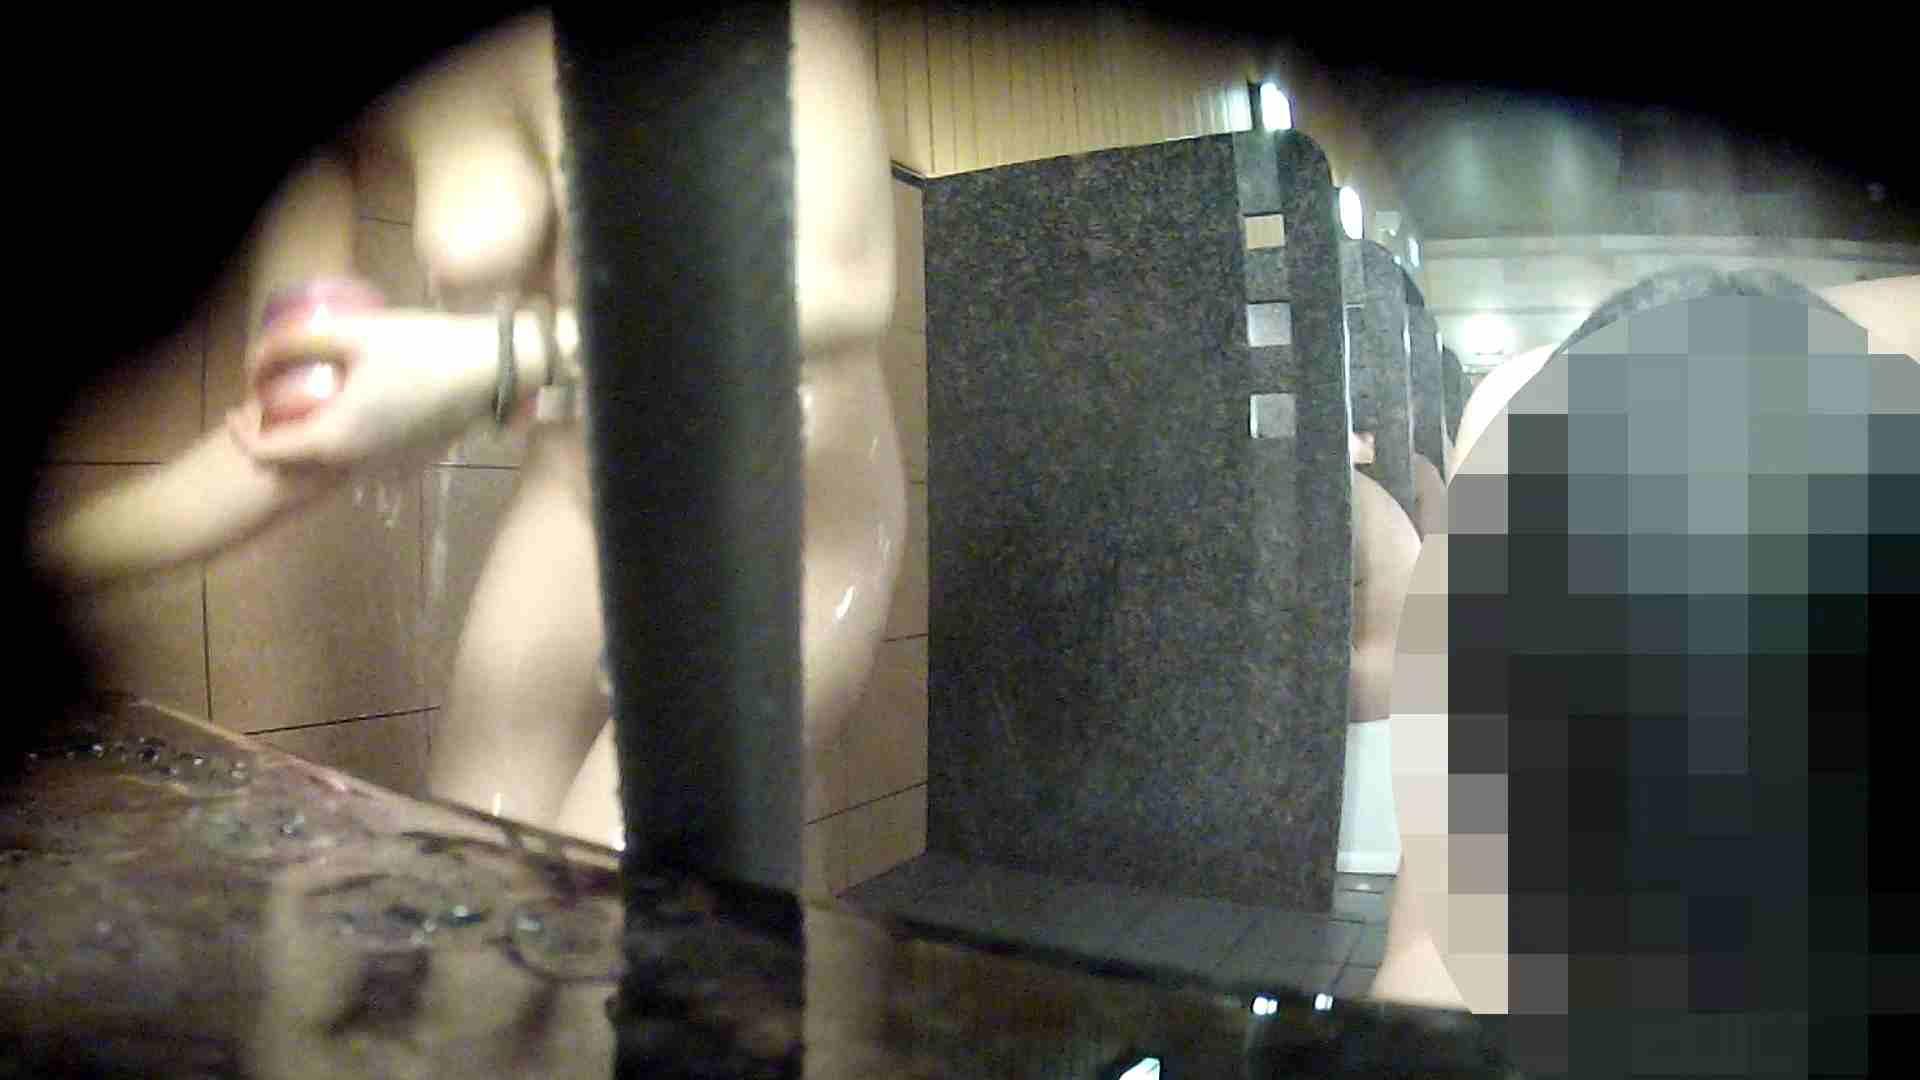 洗い場!今が食べ頃のたわわなオッパイ!サービス付 銭湯のぞき われめAV動画紹介 106画像 103